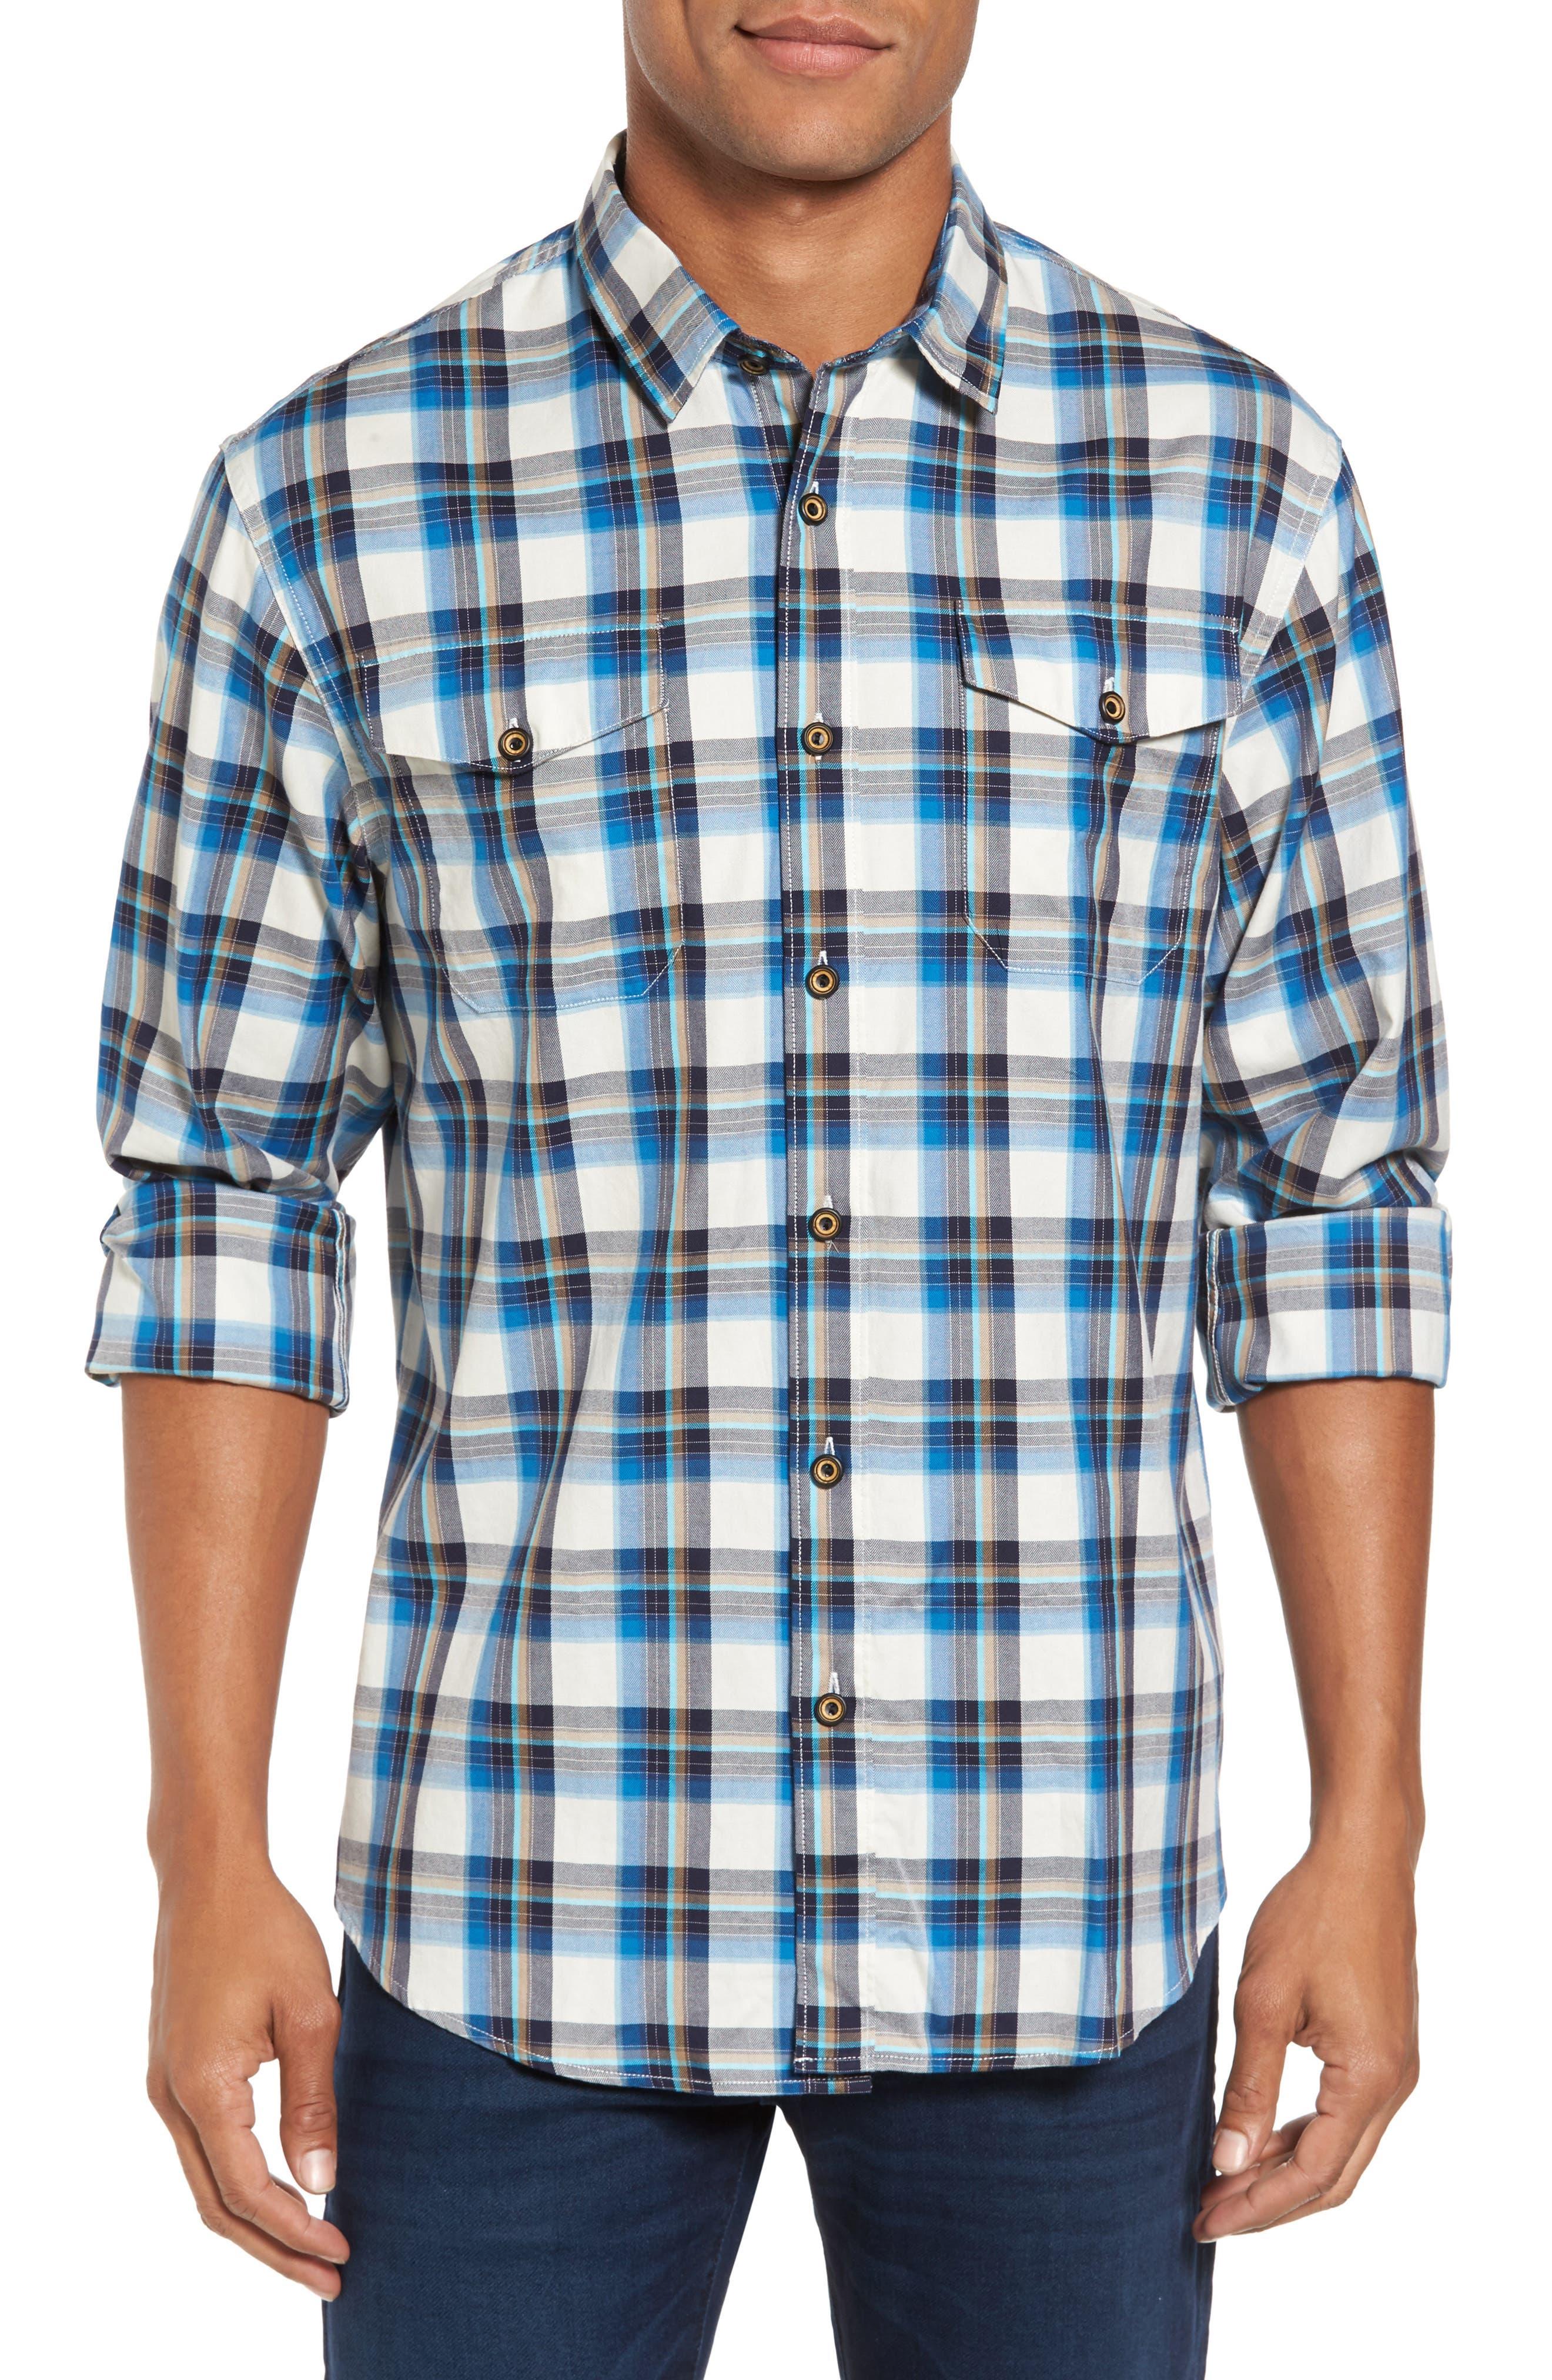 Seacliff Plaid Flannel Shirt,                             Main thumbnail 1, color,                             439